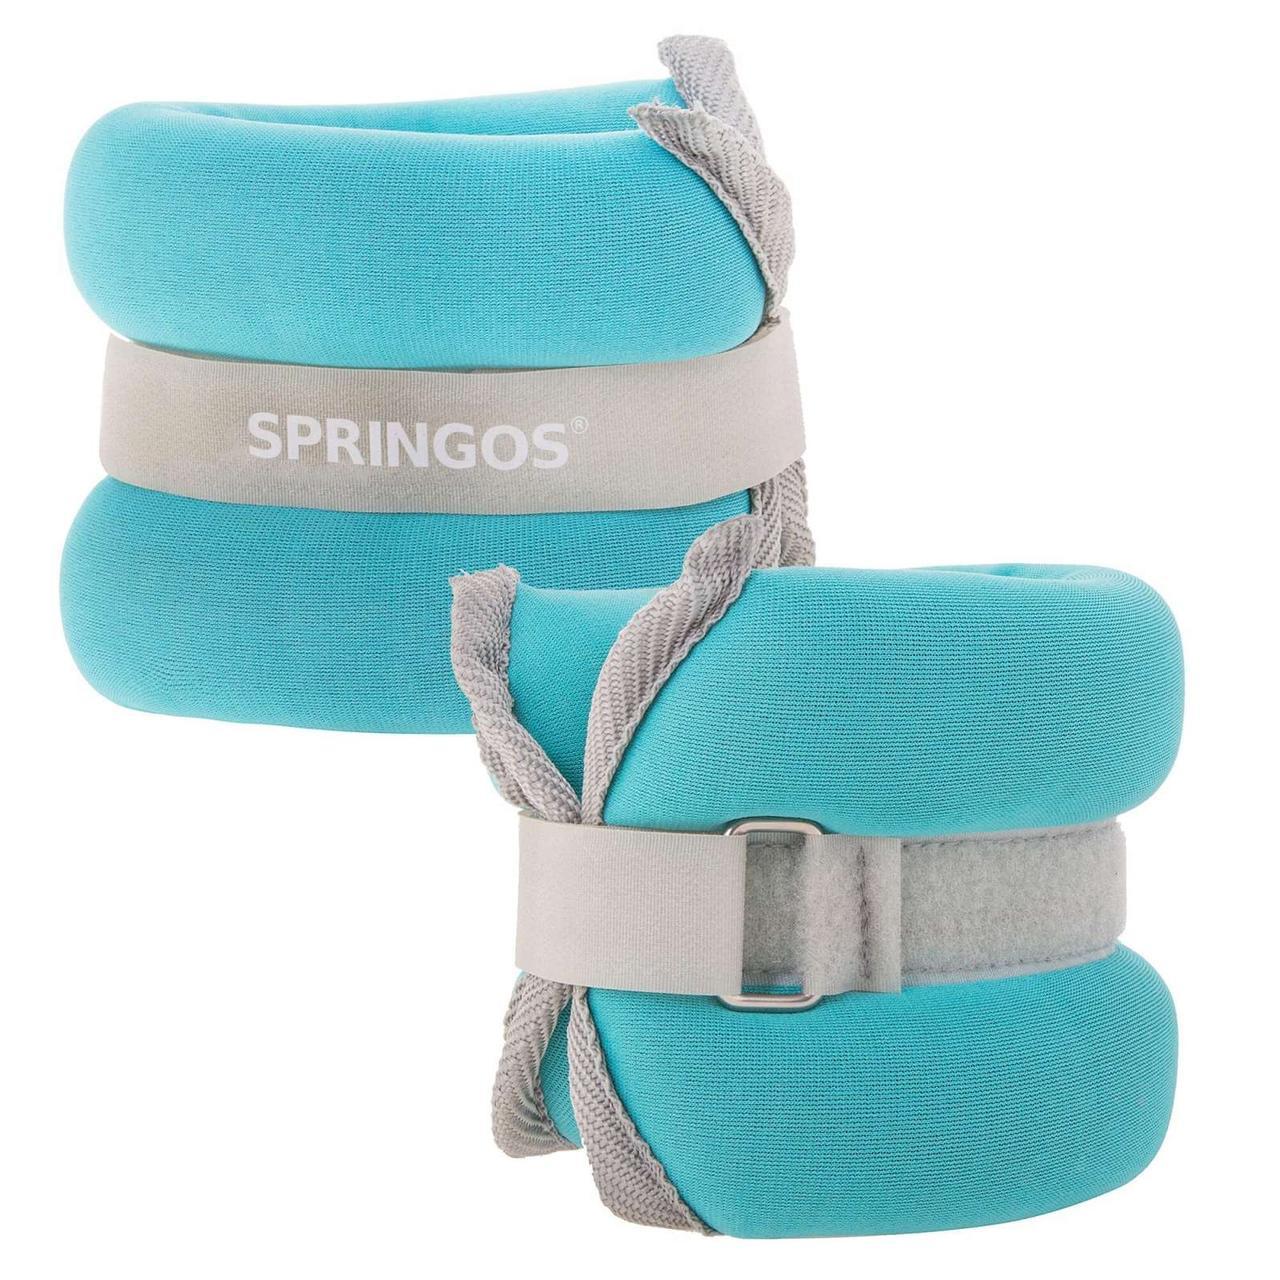 Утяжелители-манжеты для ног и рук Springos 2 x 1 кг FA0071 (250639)